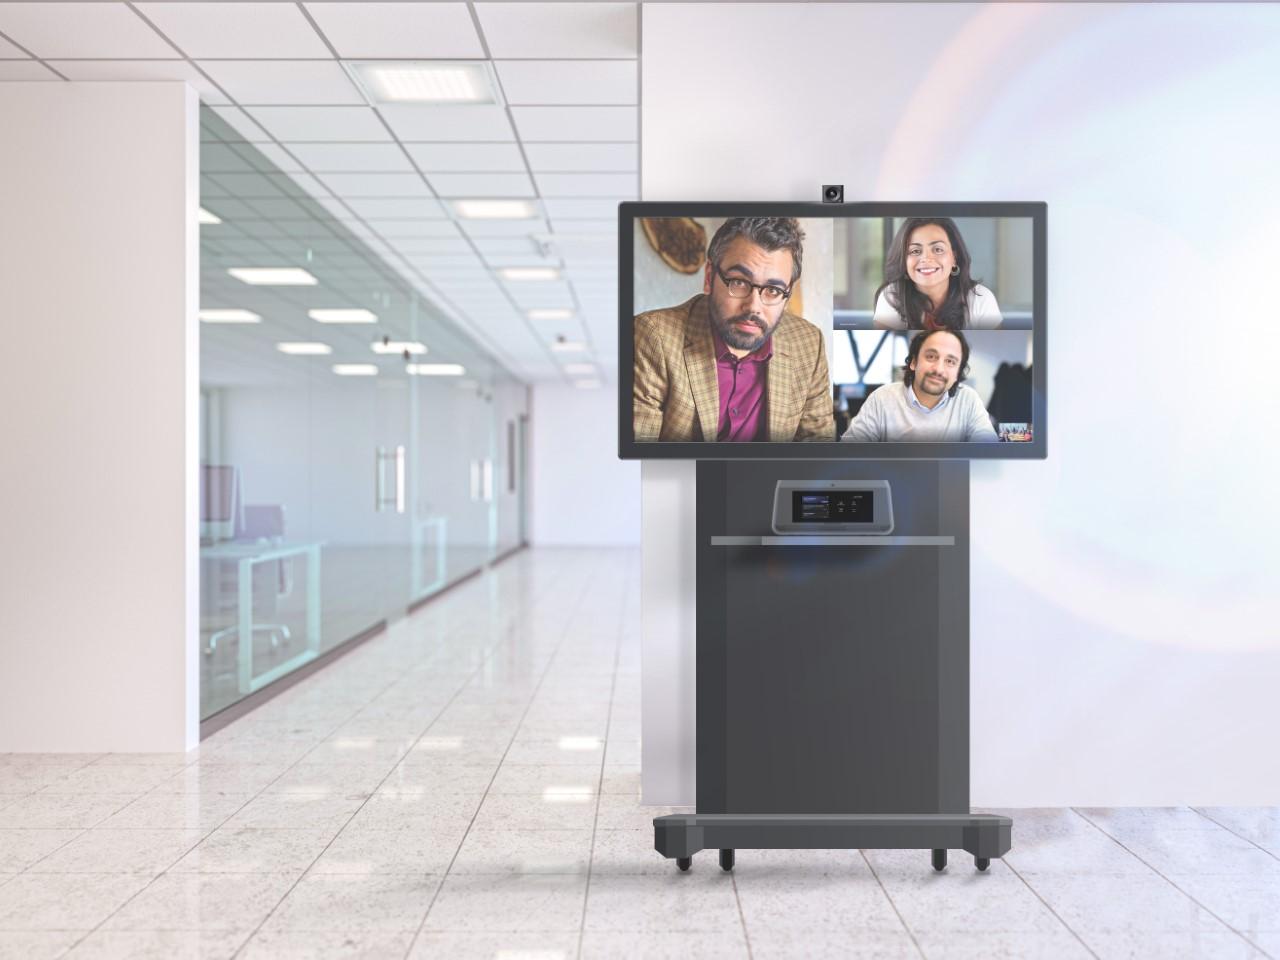 Crestron Flex R-Series permite a los clientes poner instantáneamente las comunicaciones unificadas donde sea necesario